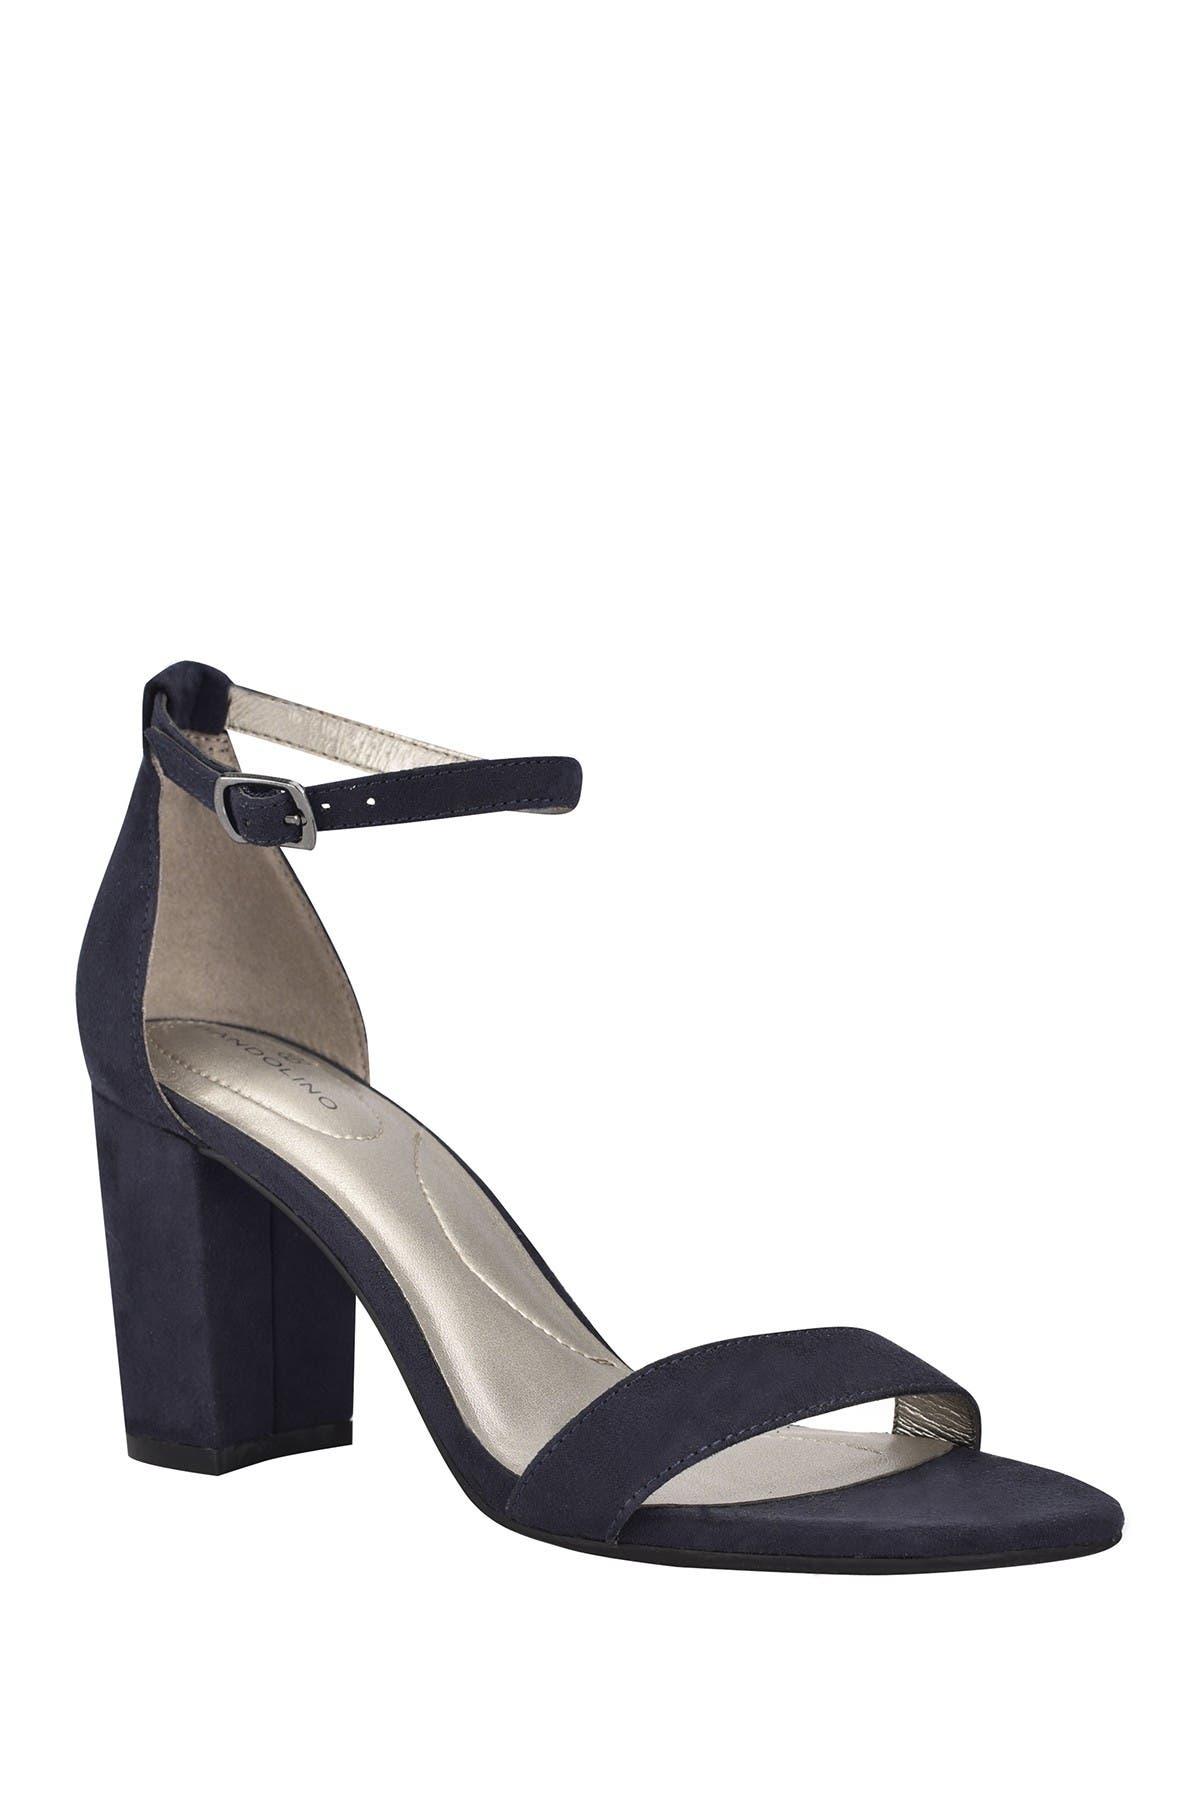 Image of Bandolino Armory 2 Open Toe Sandal